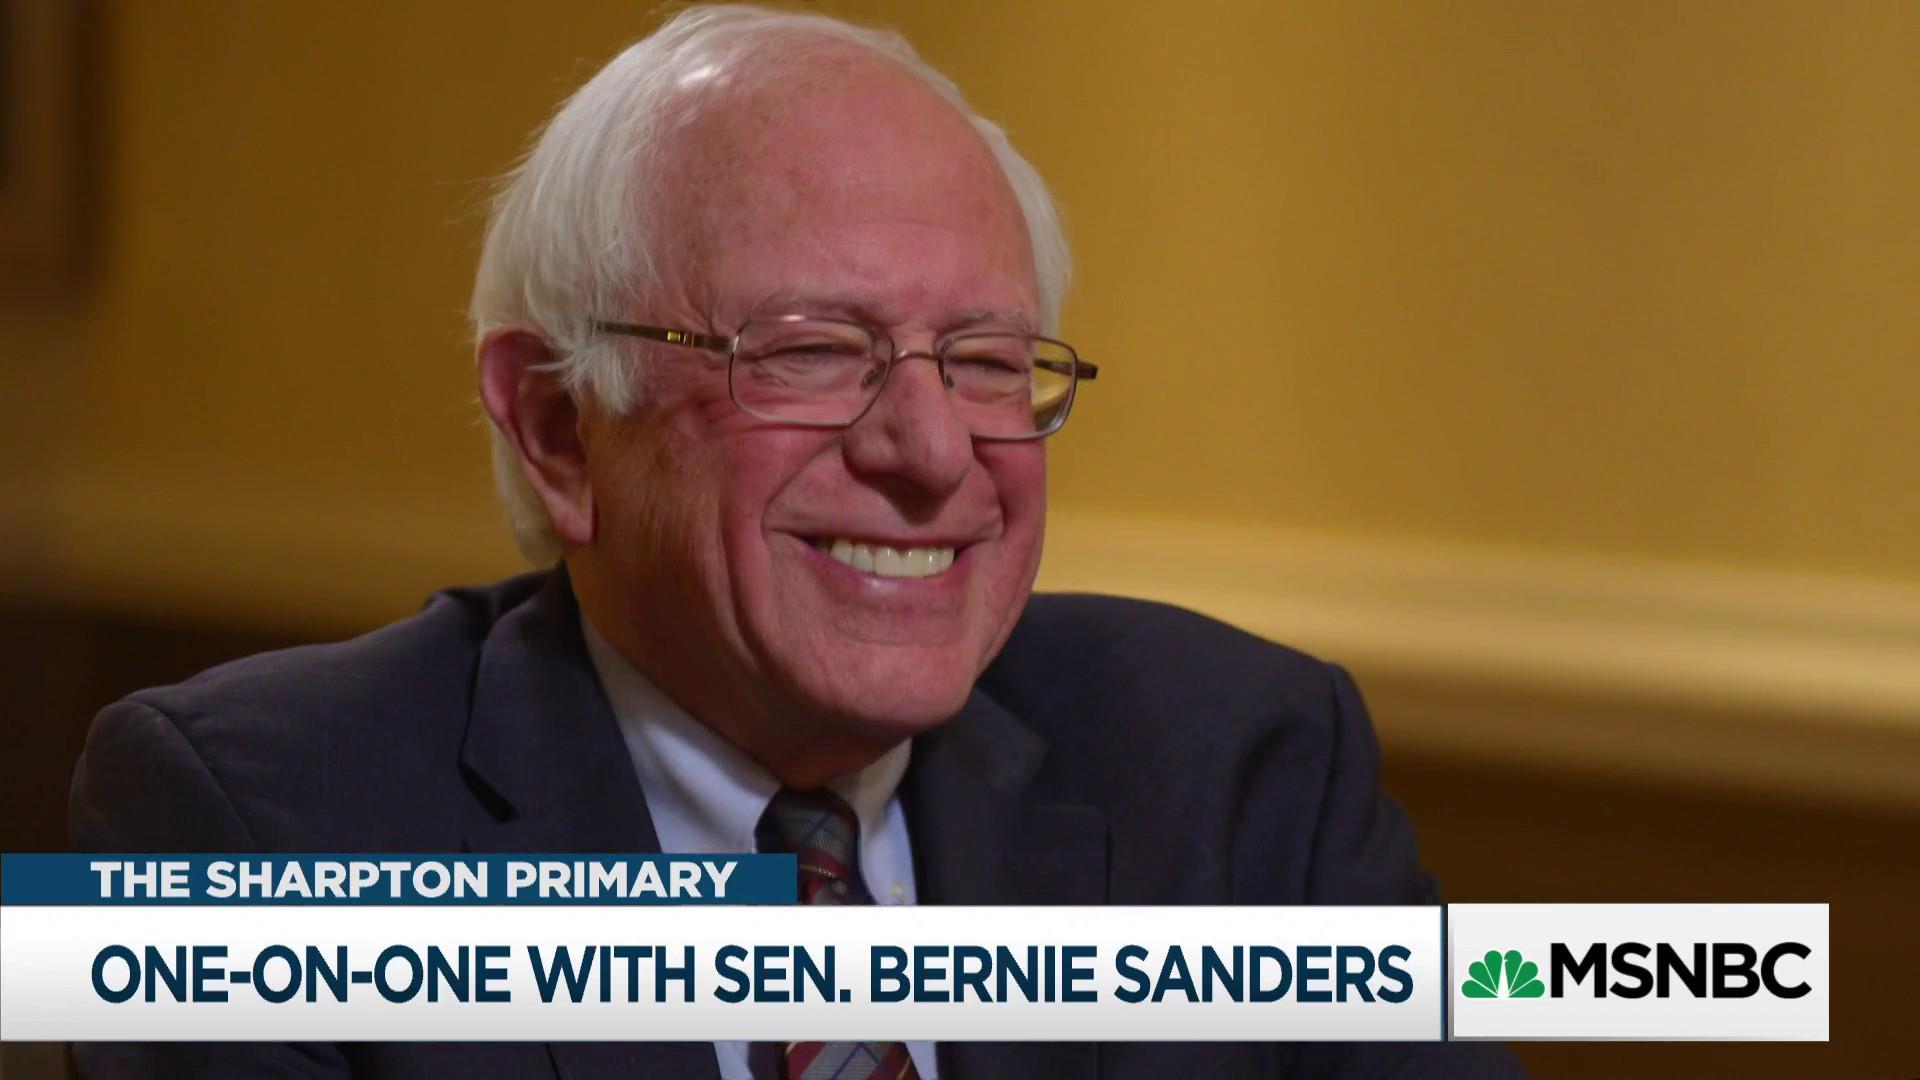 Rev. Al goes one-on-one with Sen. Bernie Sanders